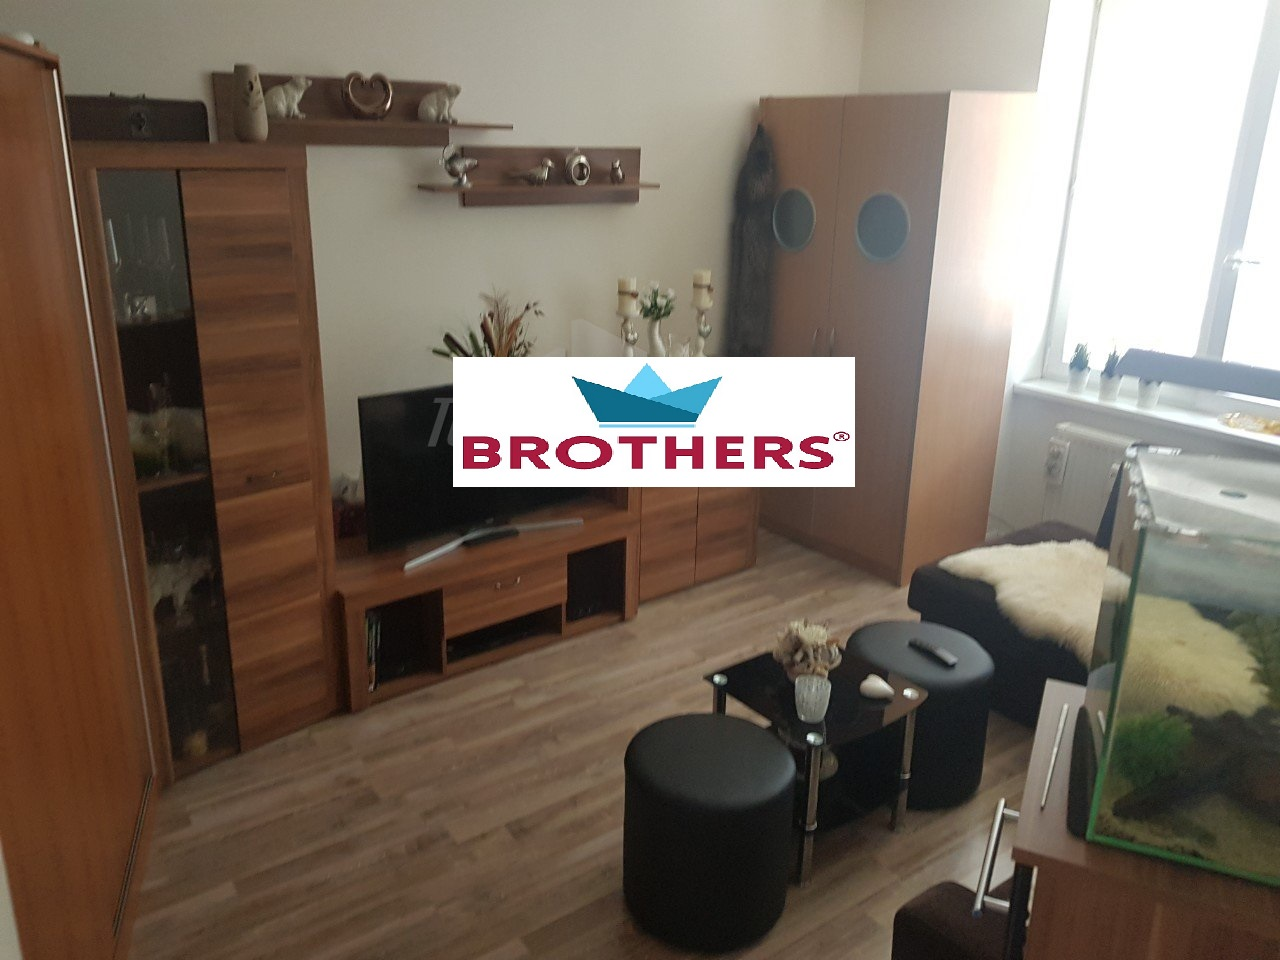 Byt, 1 - izbový, 34m2, Bratislava II - Ružinov, Doležalová ulica